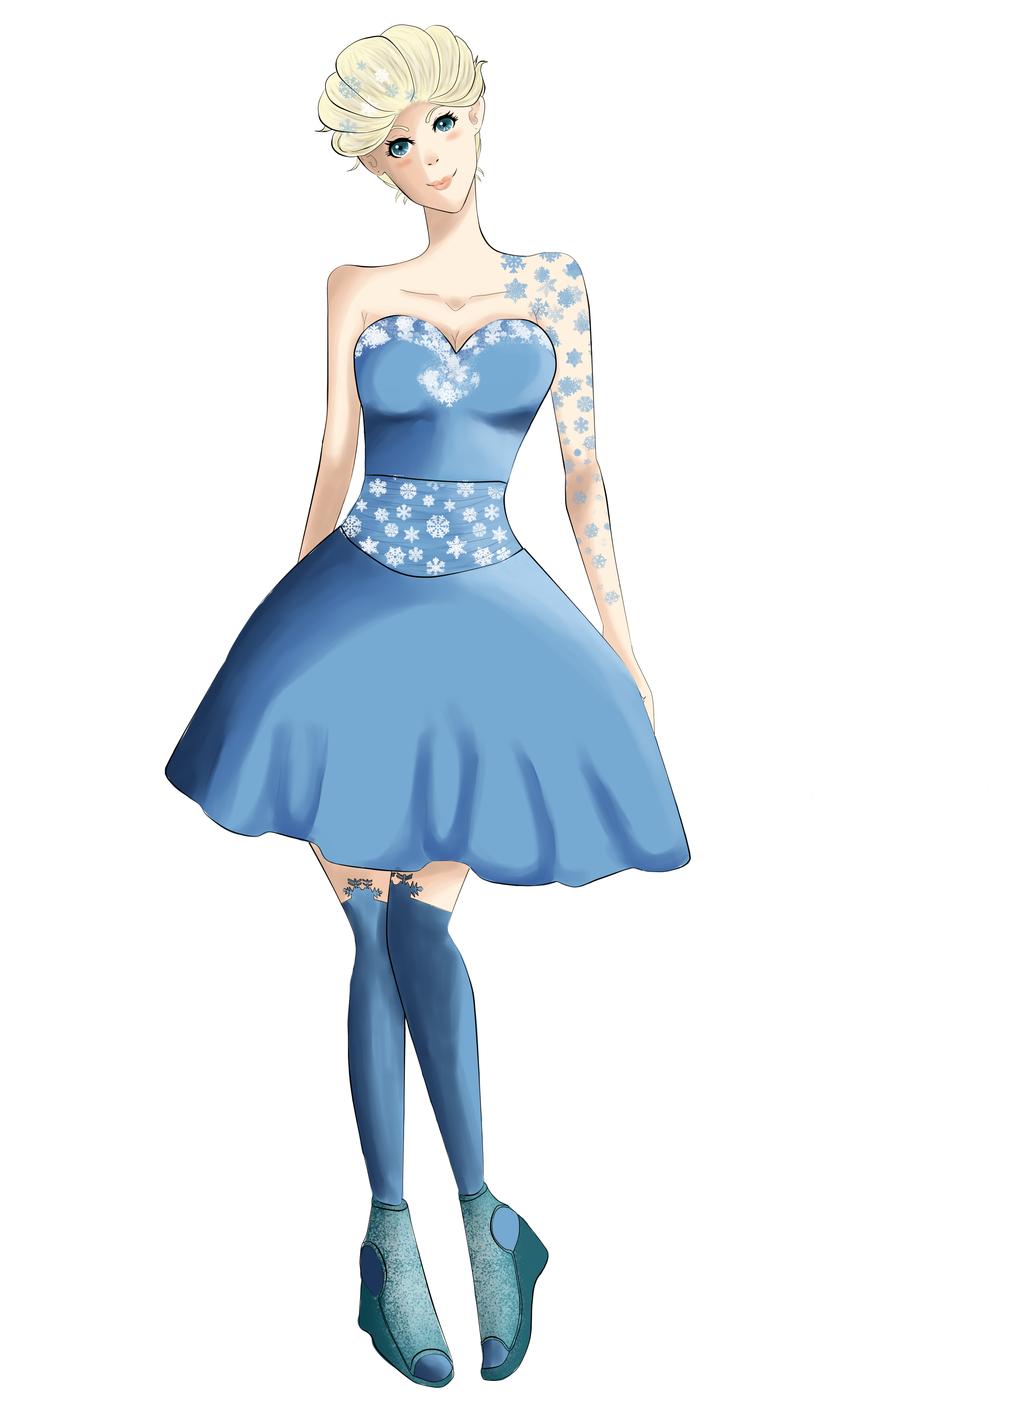 Queen Elsa of Arendelle by Clanverwalter